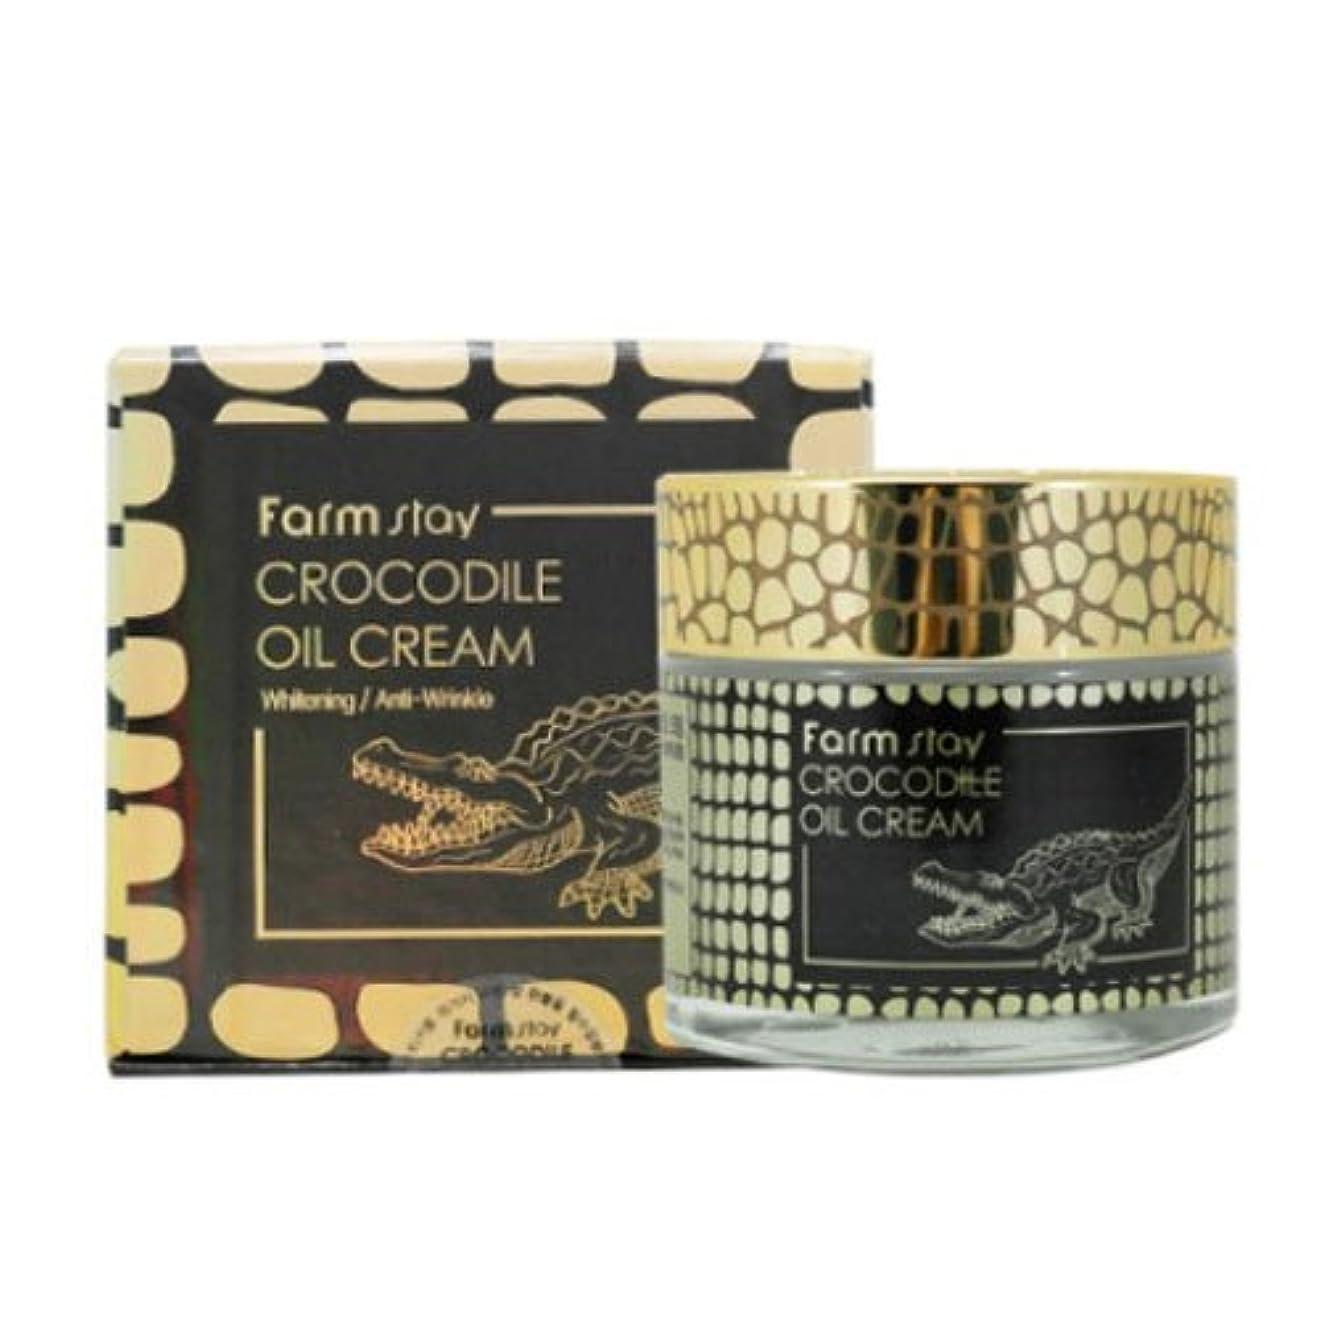 海軍課税醸造所ファームステイ[韓国コスメFarm Stay]Crocodile Oil Cream ワニオイルクリーム70g しわ管理 美白[並行輸入品]